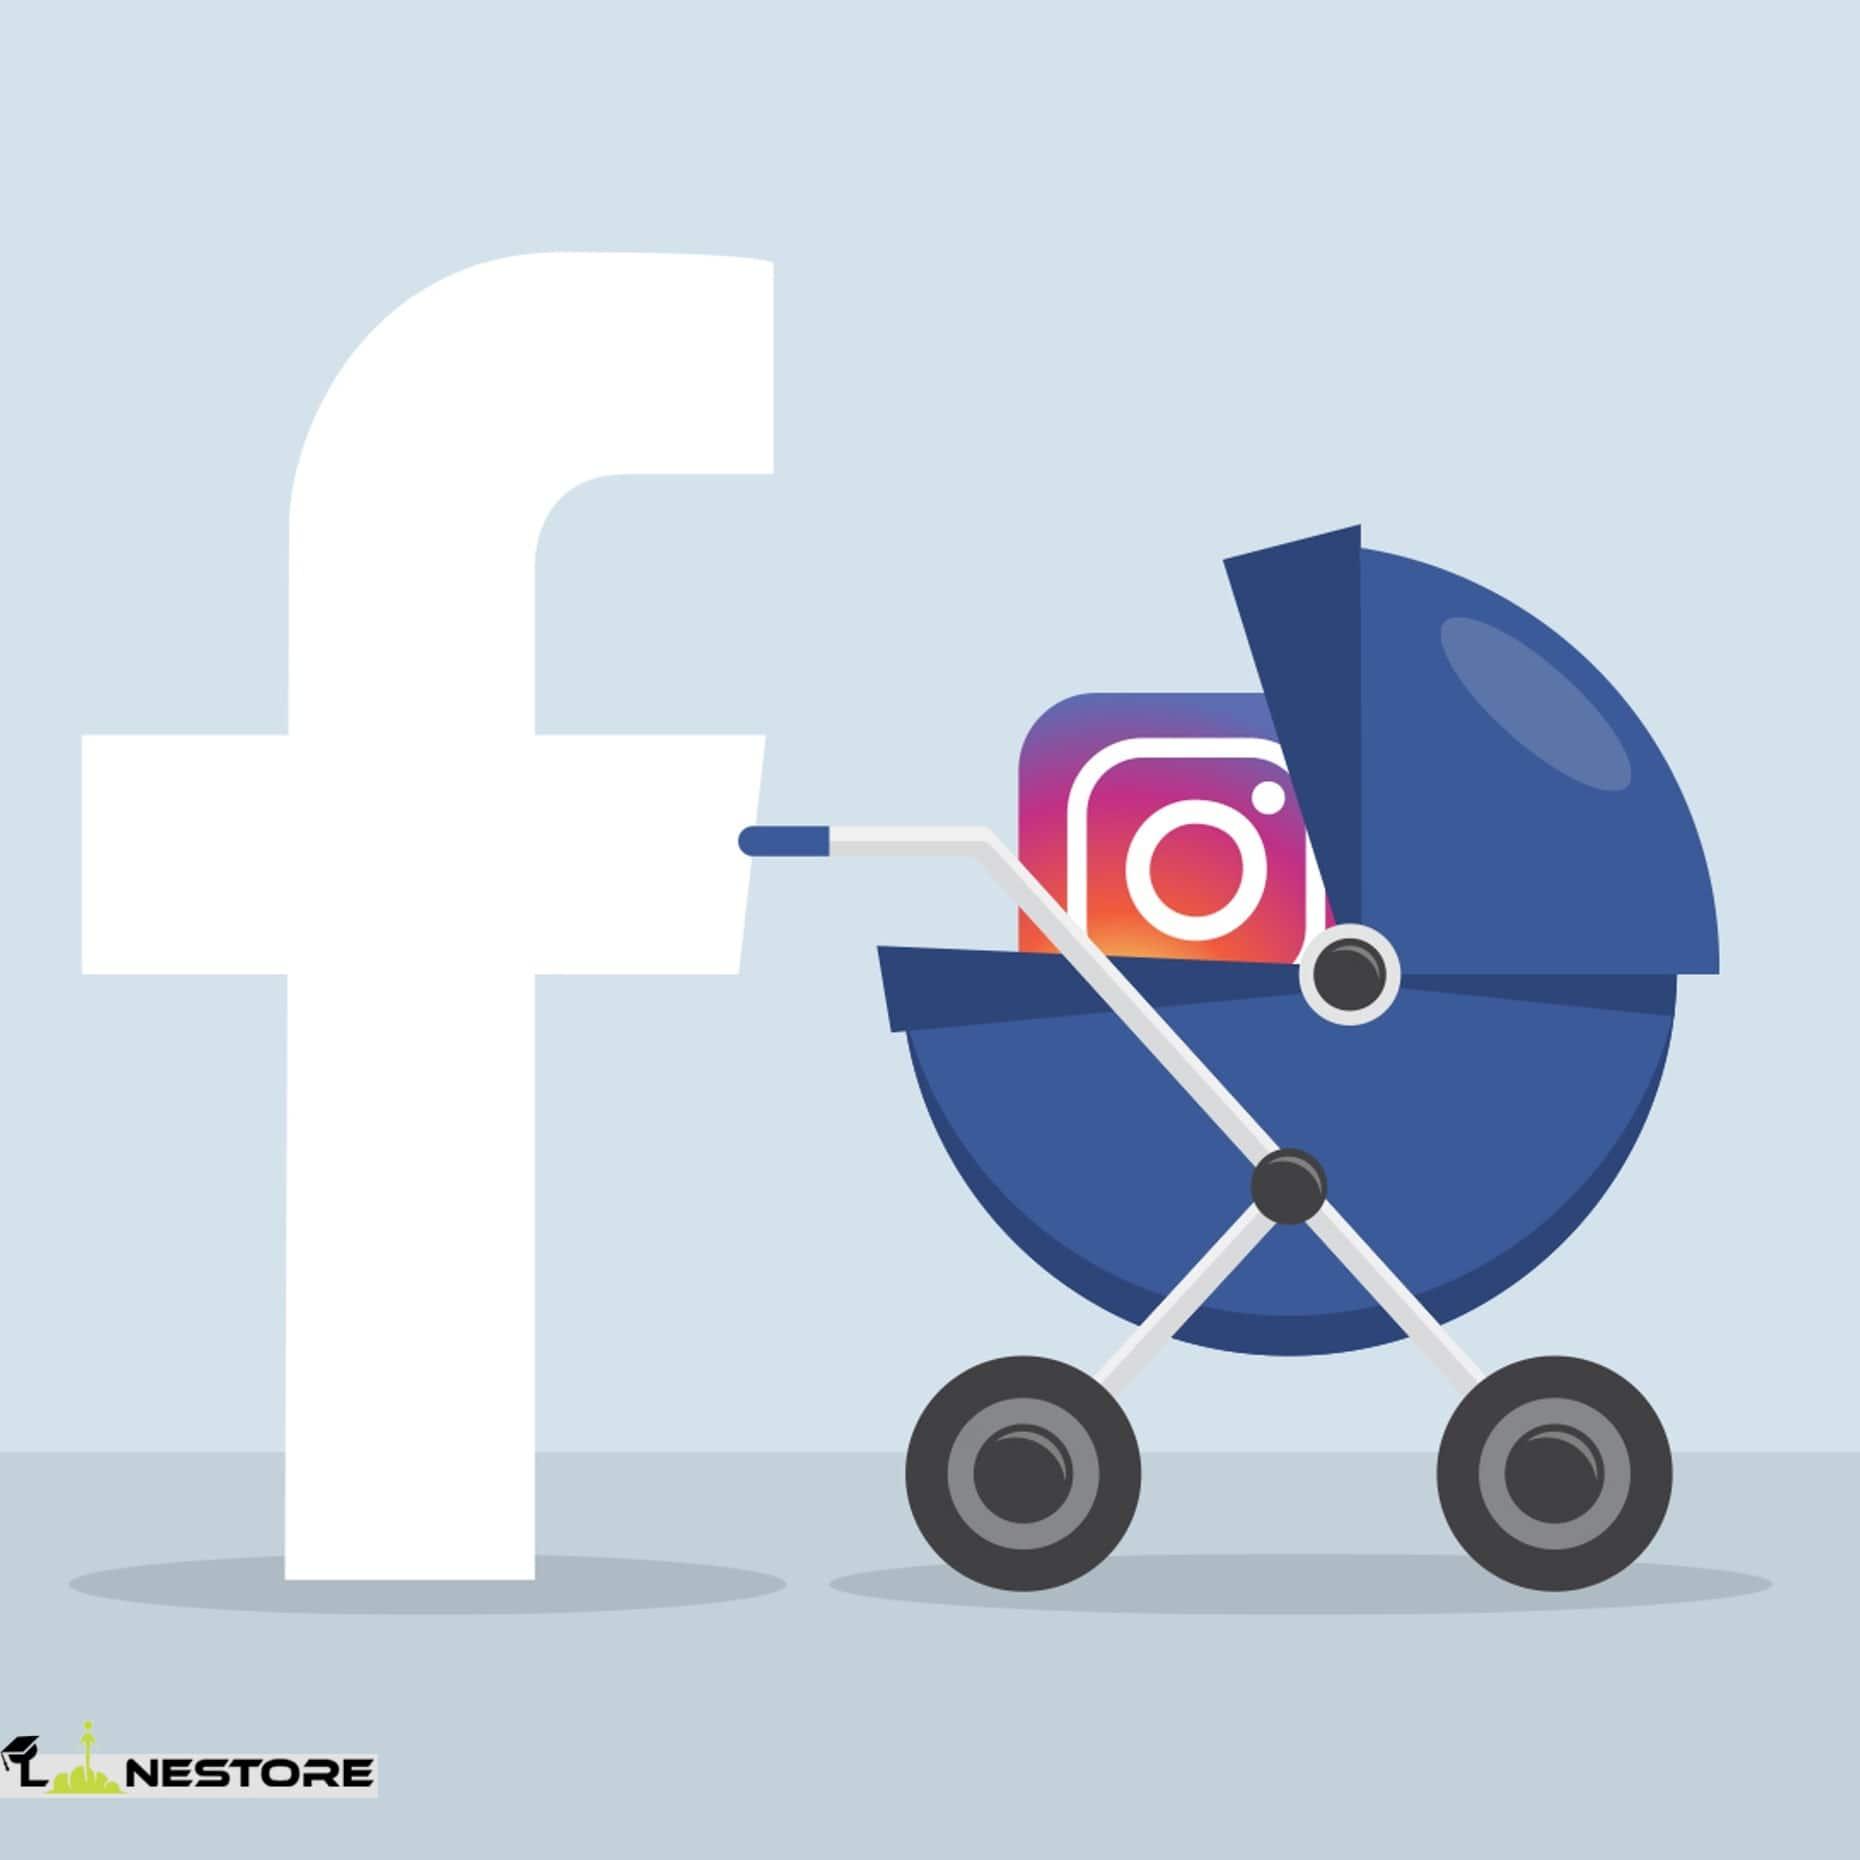 بازاریابی در سایت ها بهتر است یا در شبکه های اجتماعی؟